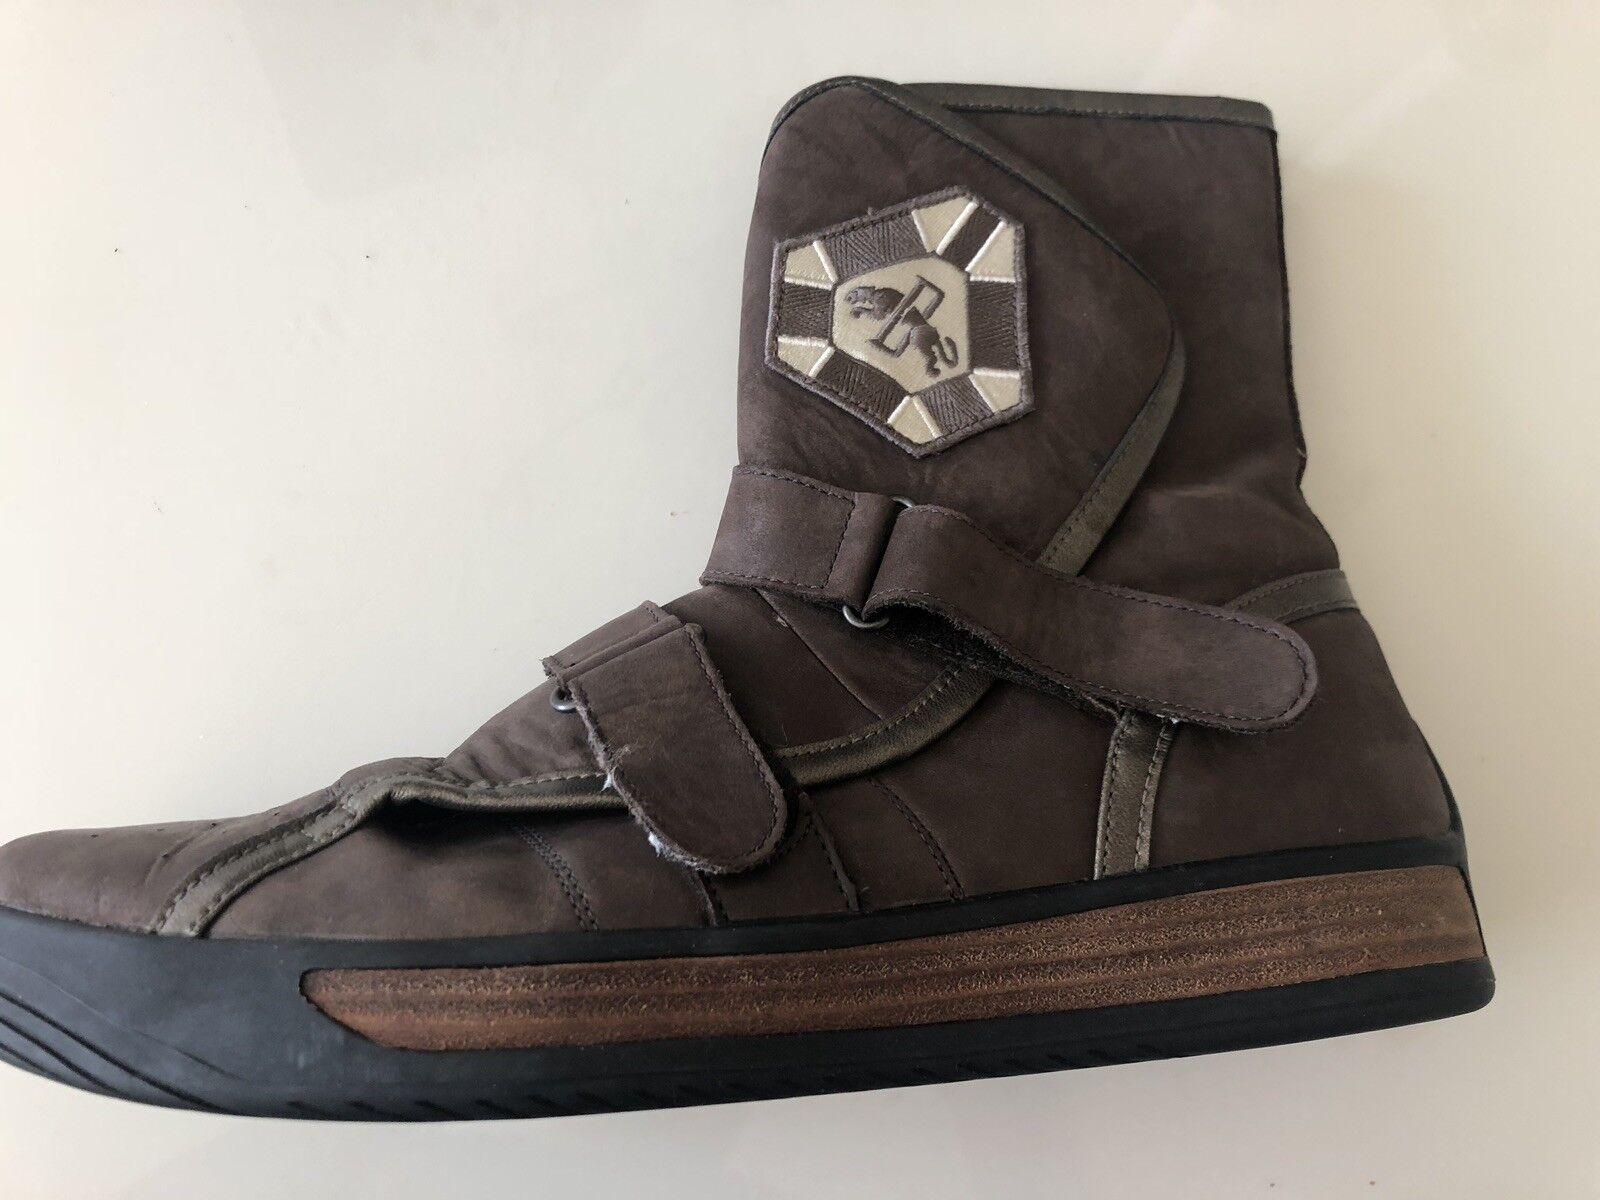 Rudolph Dassler Uomo Ankle Boot 11,5